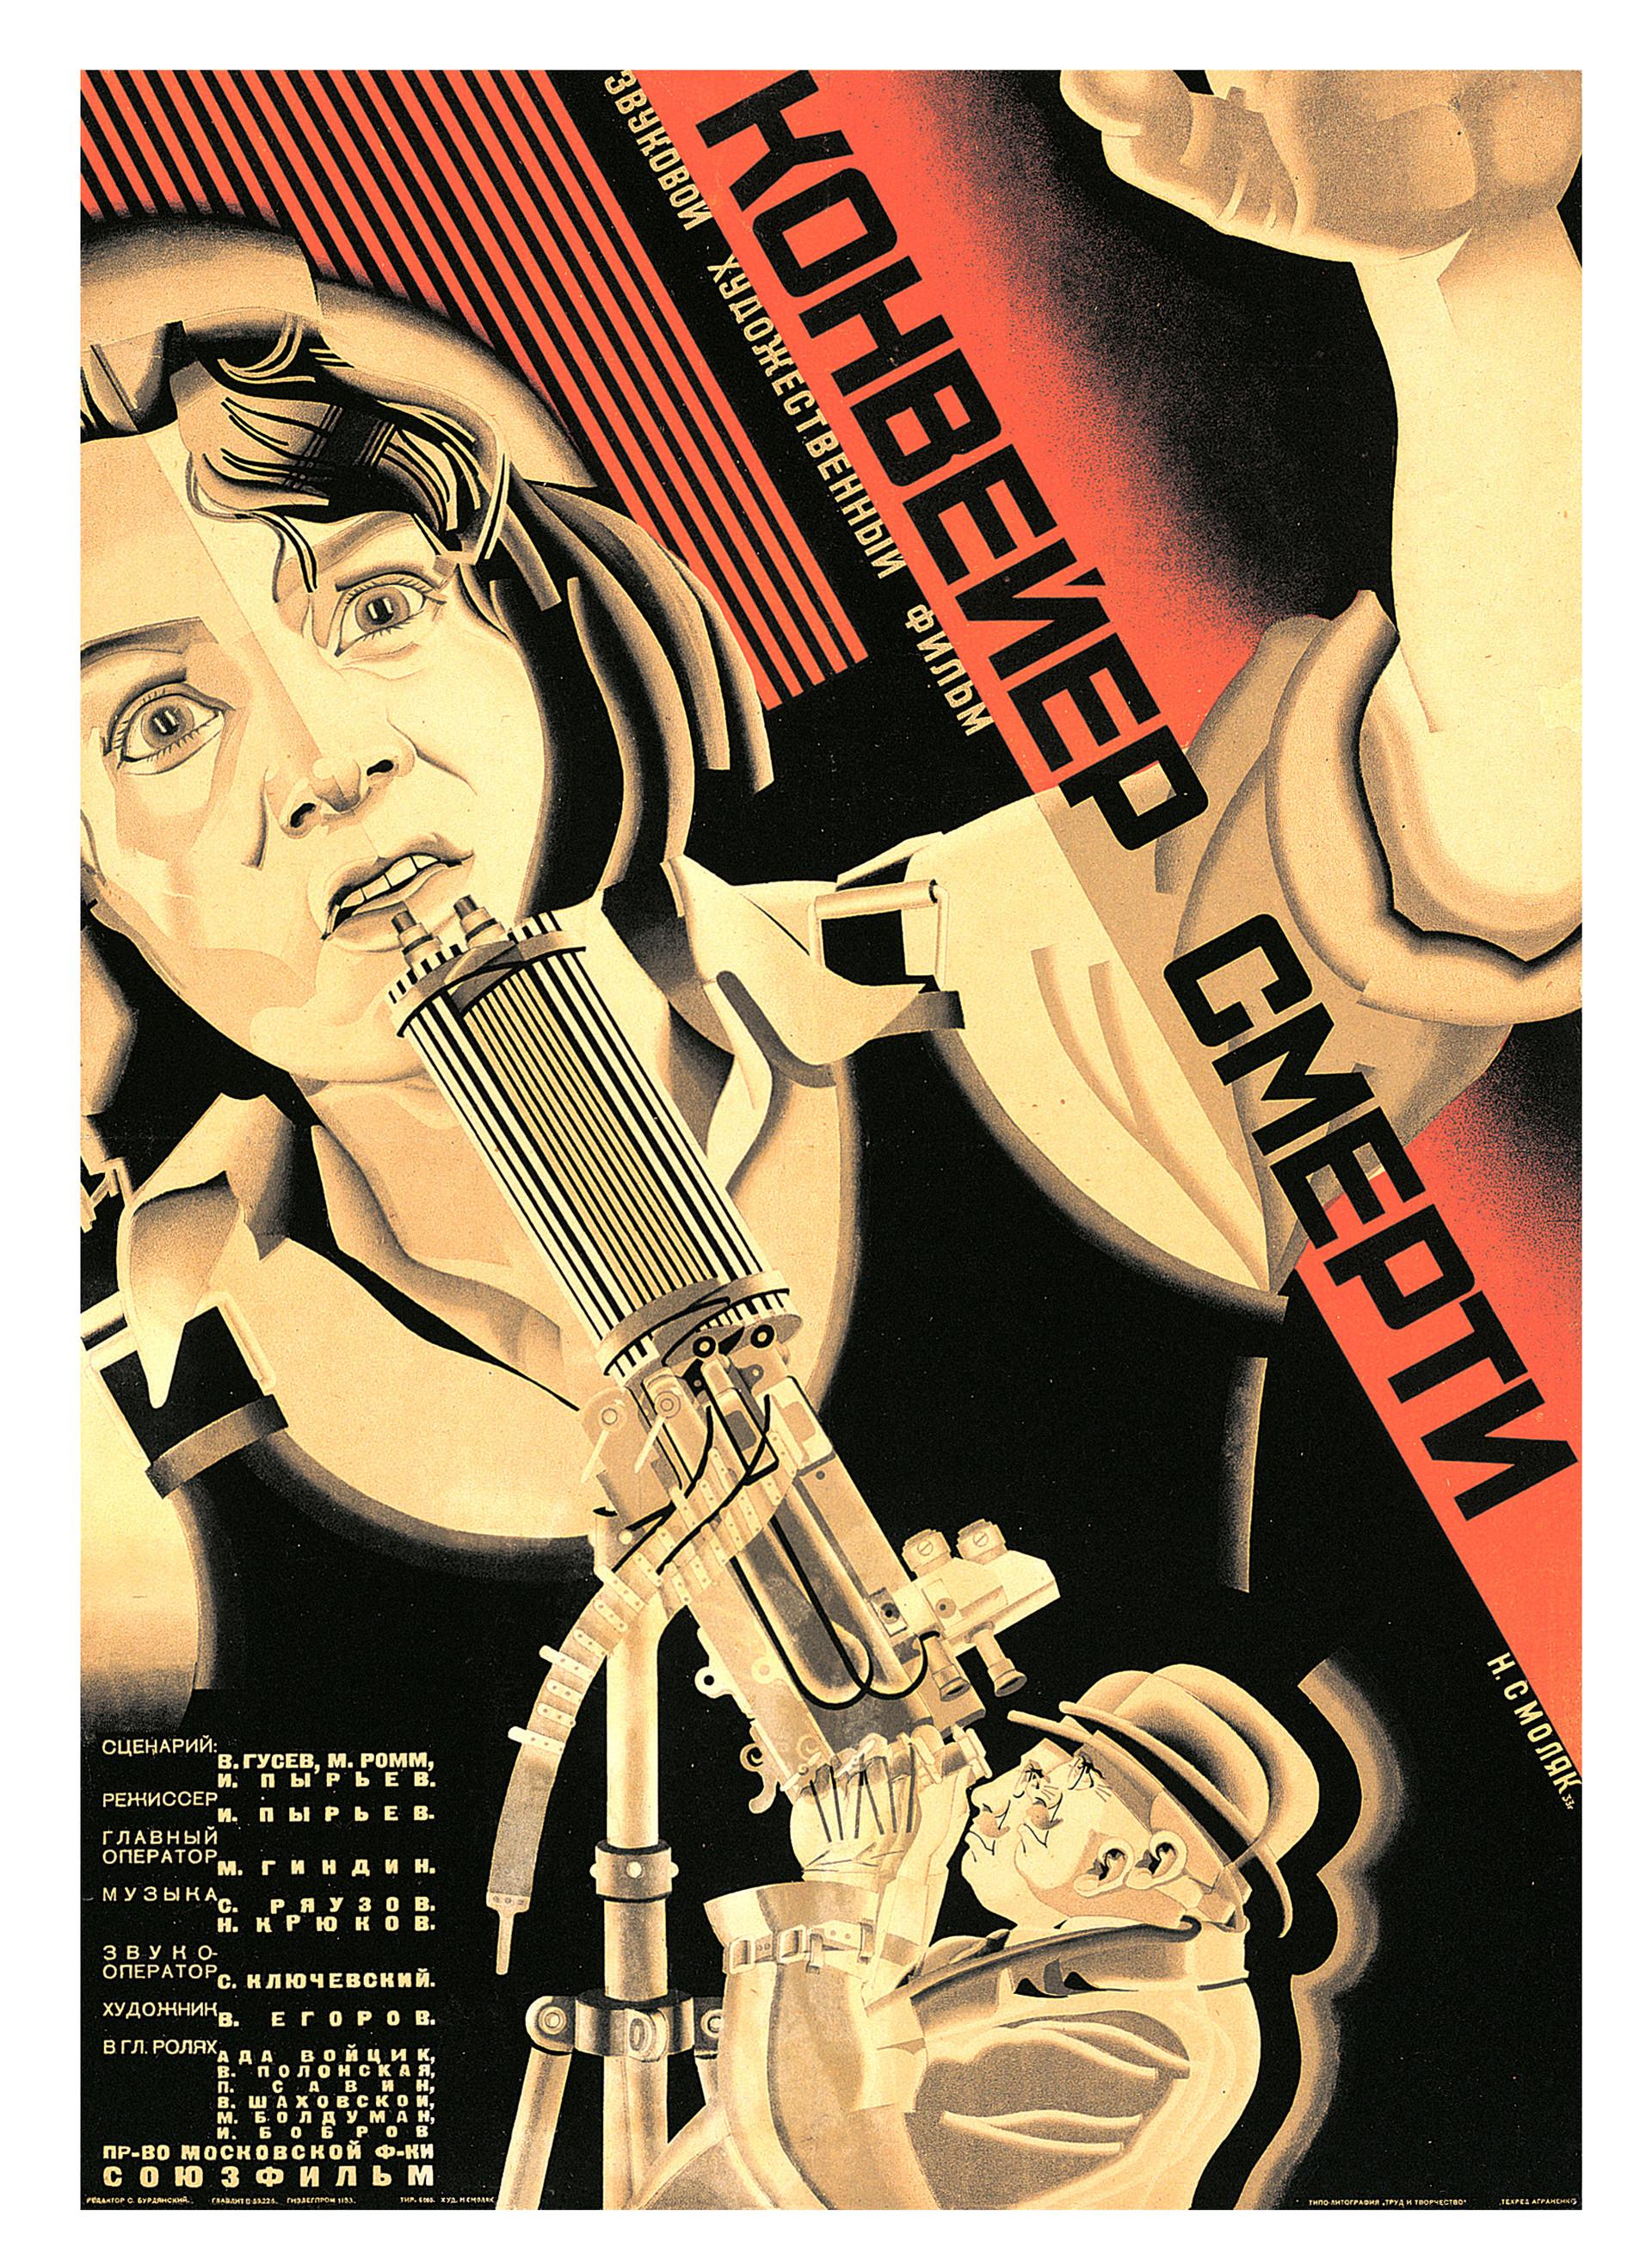 スモリャコフスキー、映画『死のコンベアー』(1933)のポスター